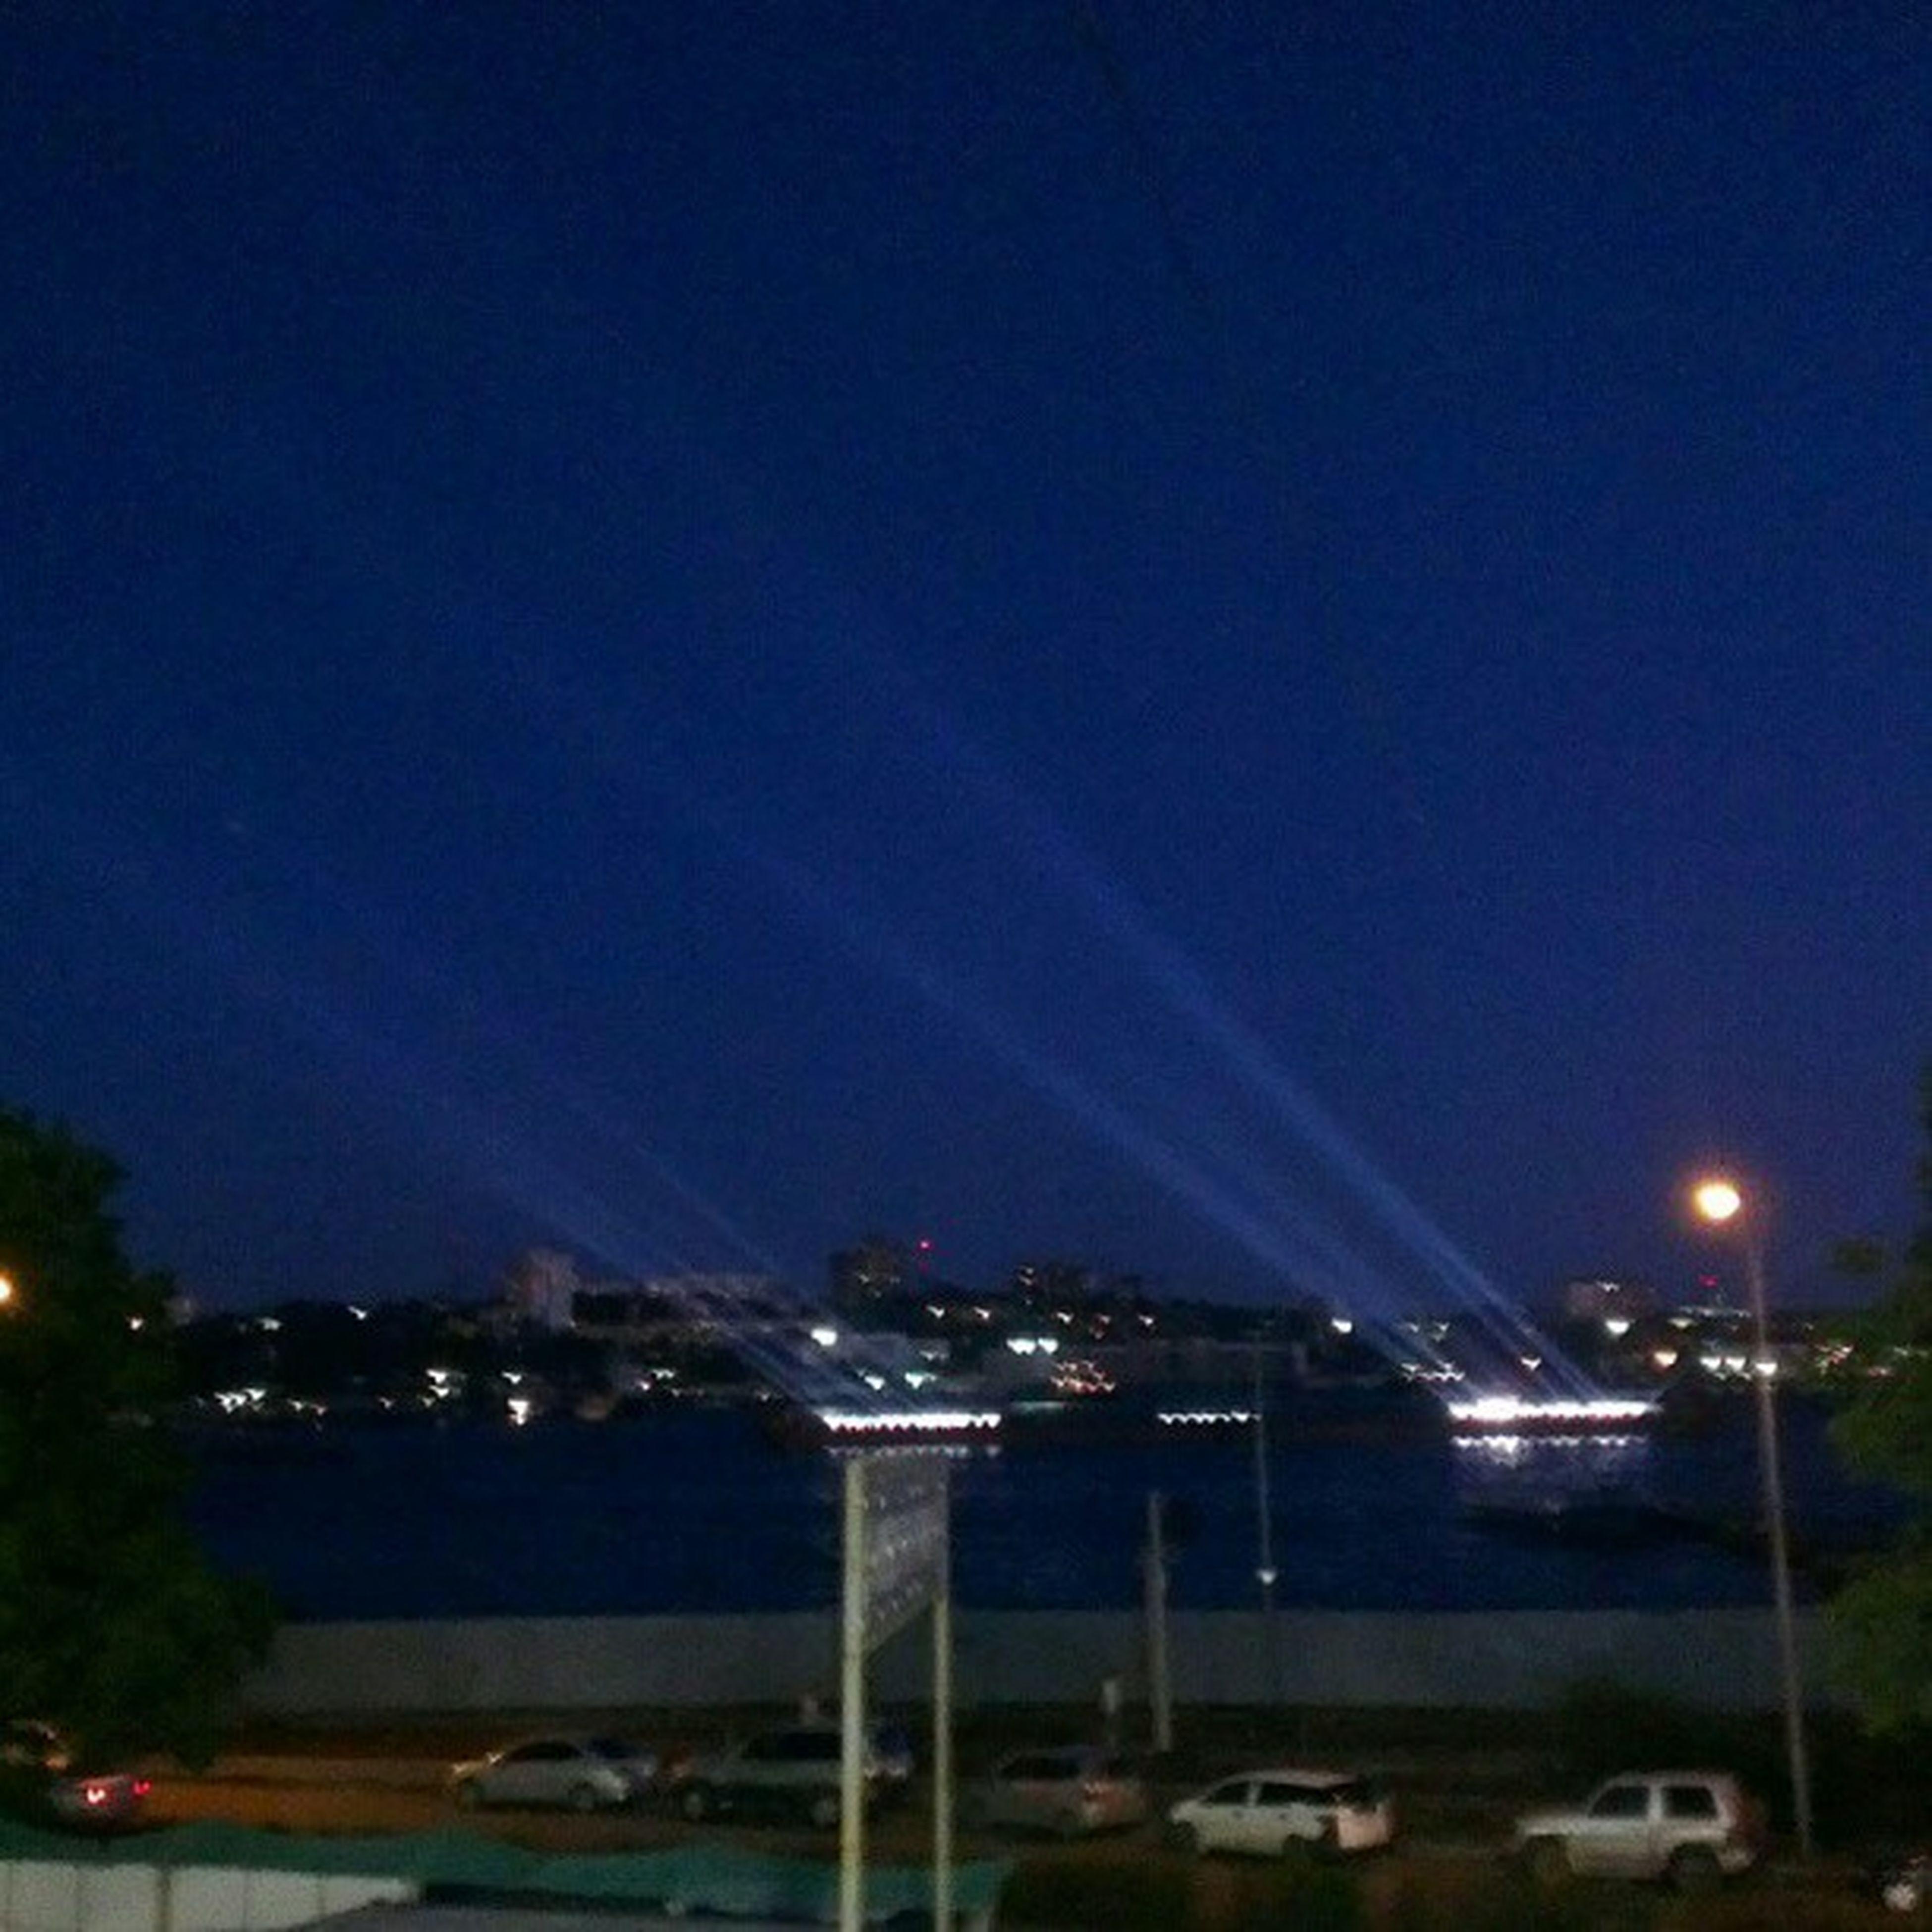 Лучи с бард в золотом роге  Владивосток Классно смотрится в ночном небе.  саммит APEC2012